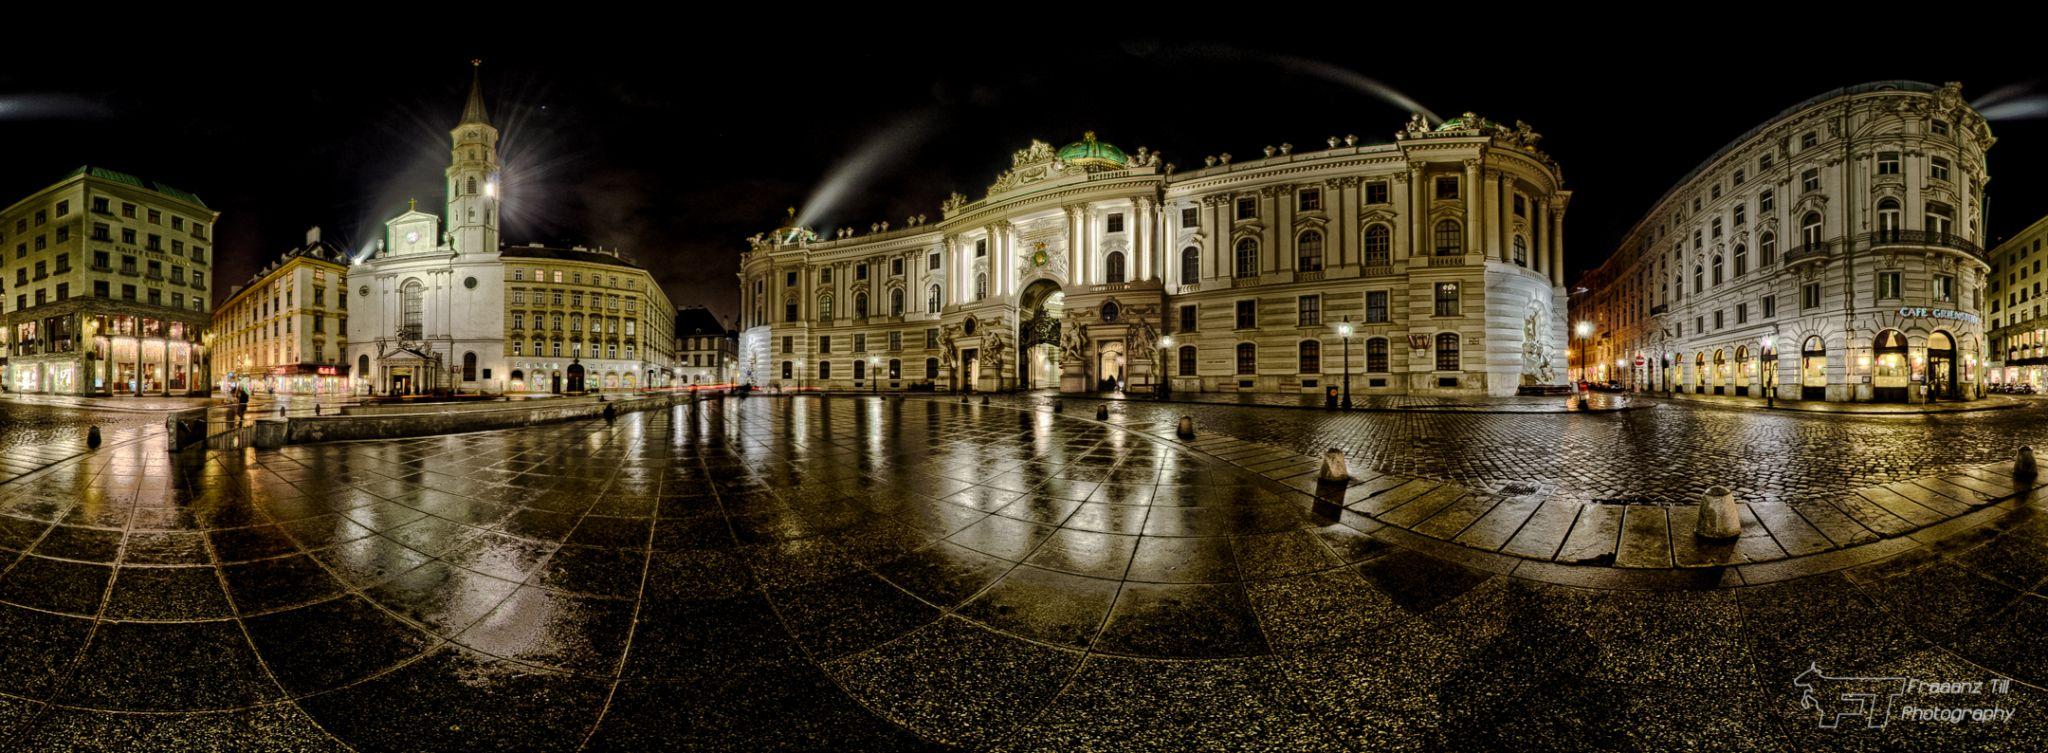 Michaelerplatz / Hofburg, Austria